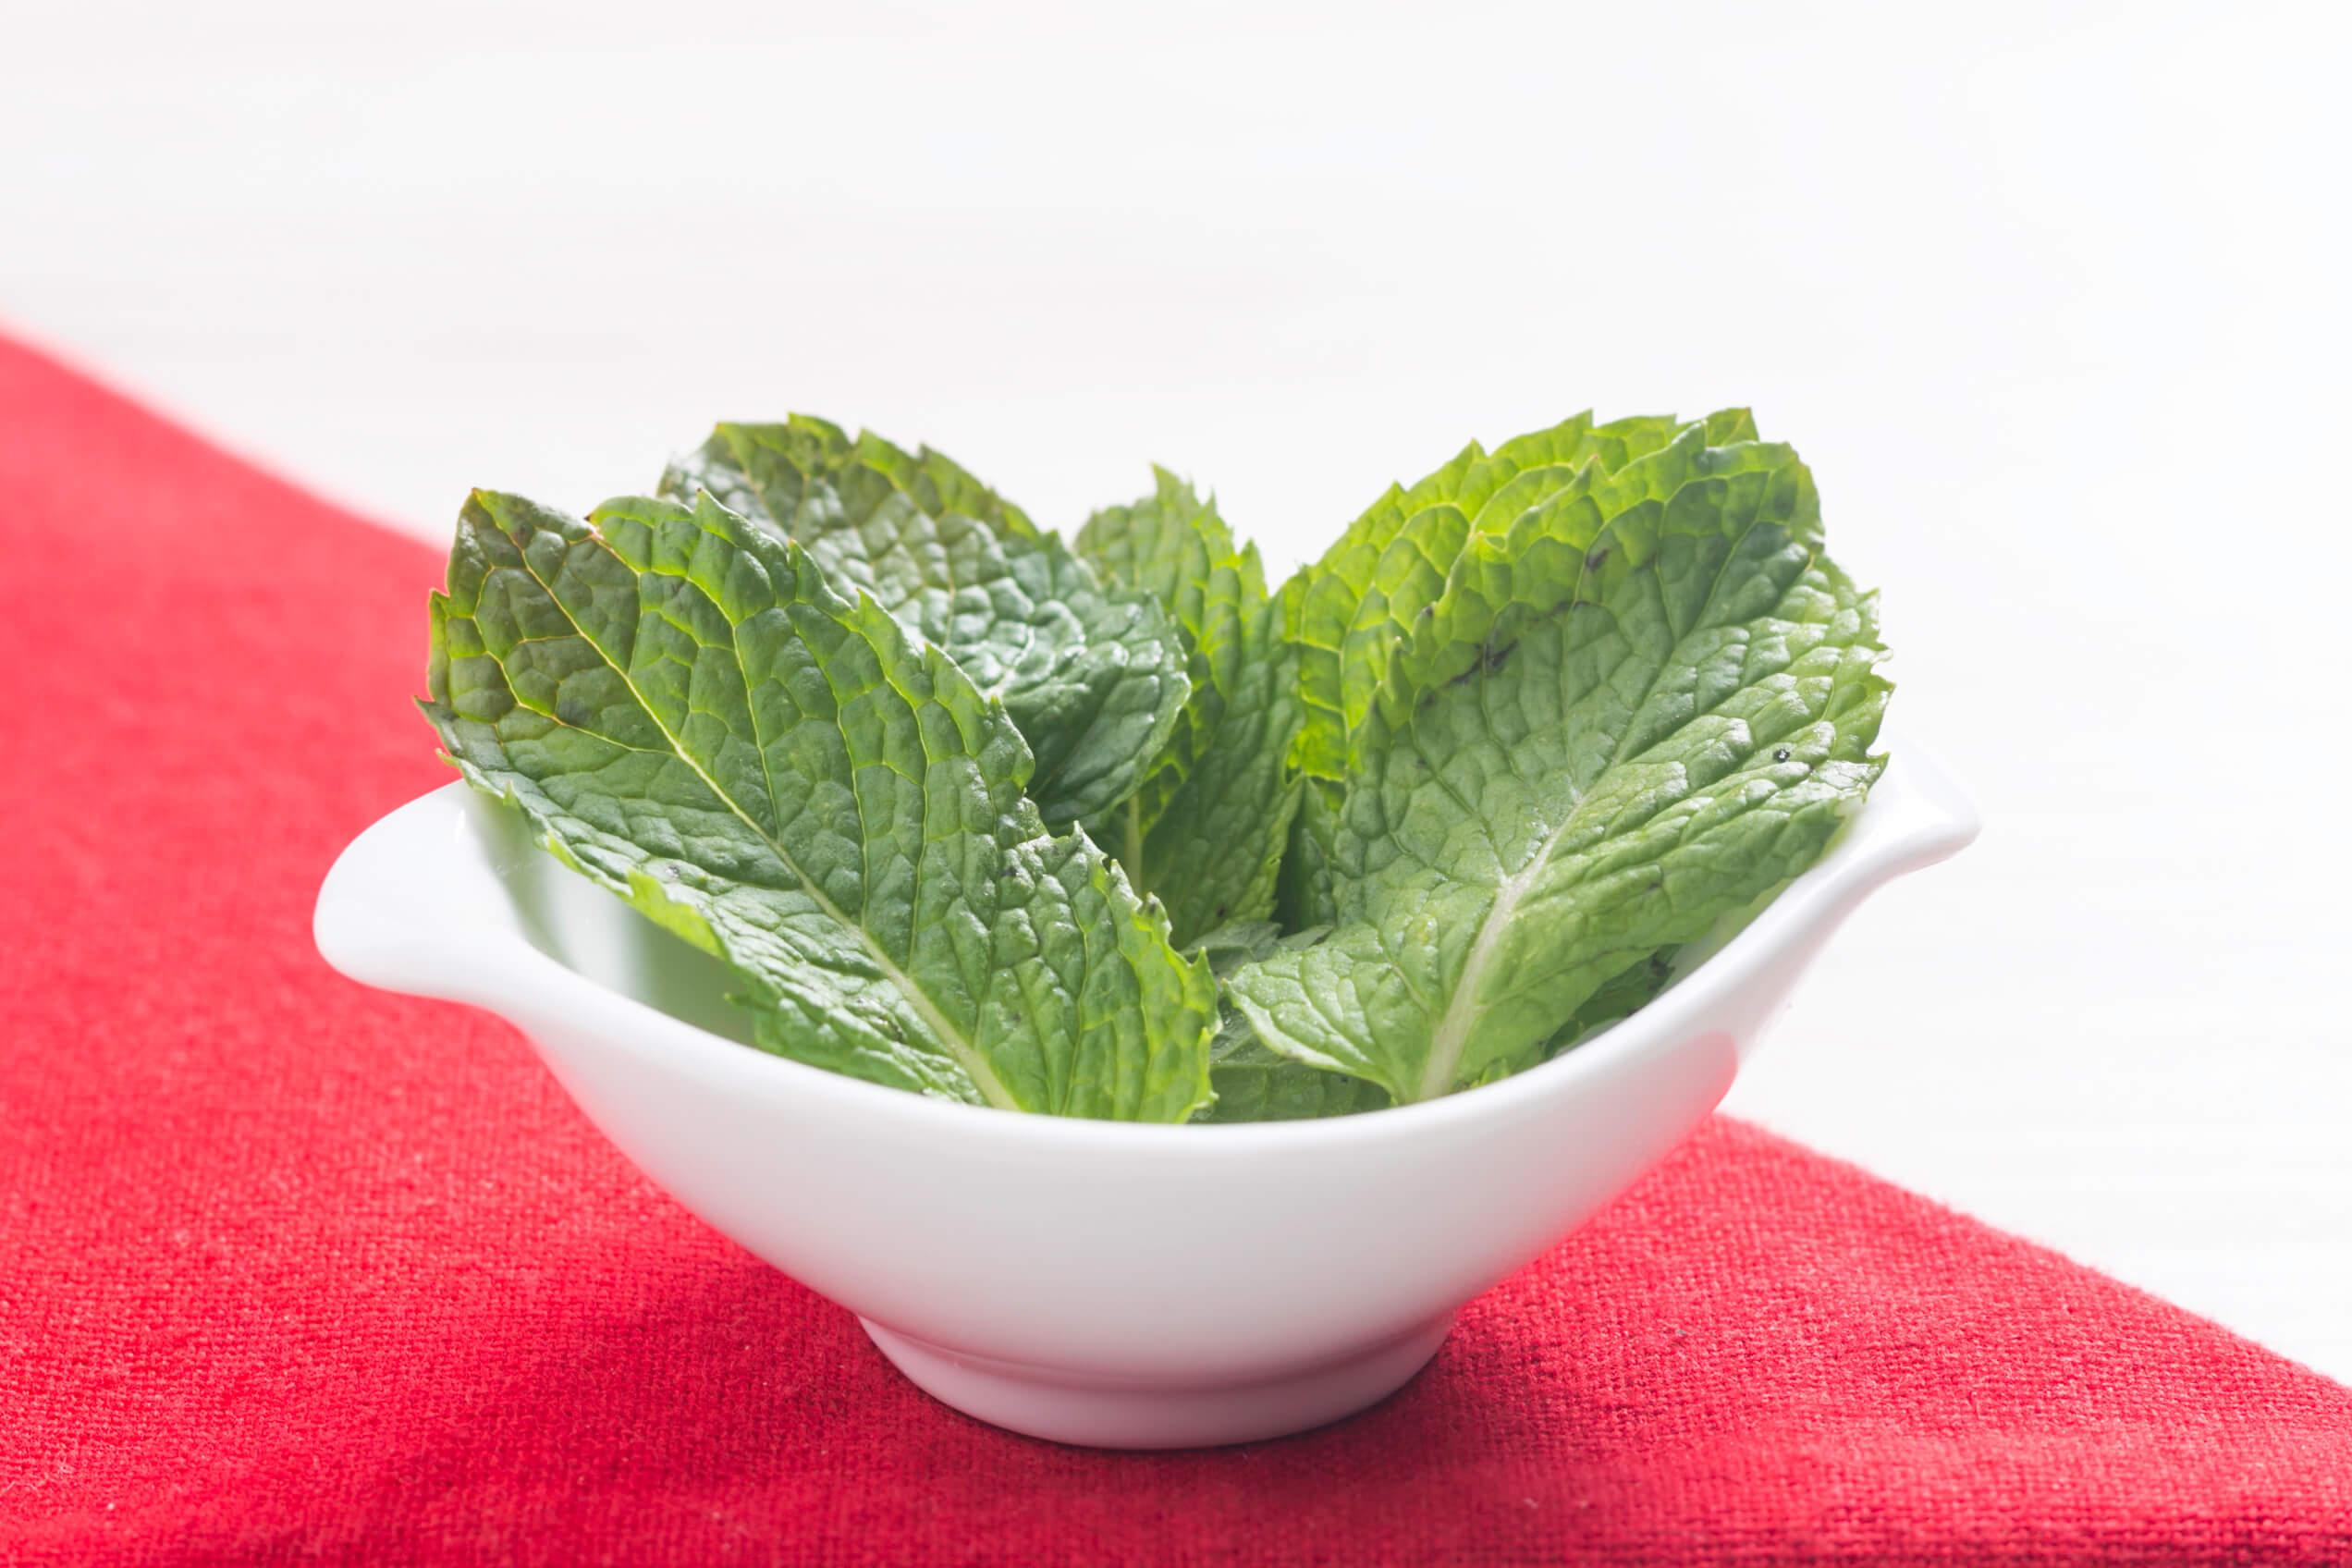 Saiba mais sobre a Hortelã, um dos ingredientes utilizados pela Liv Up